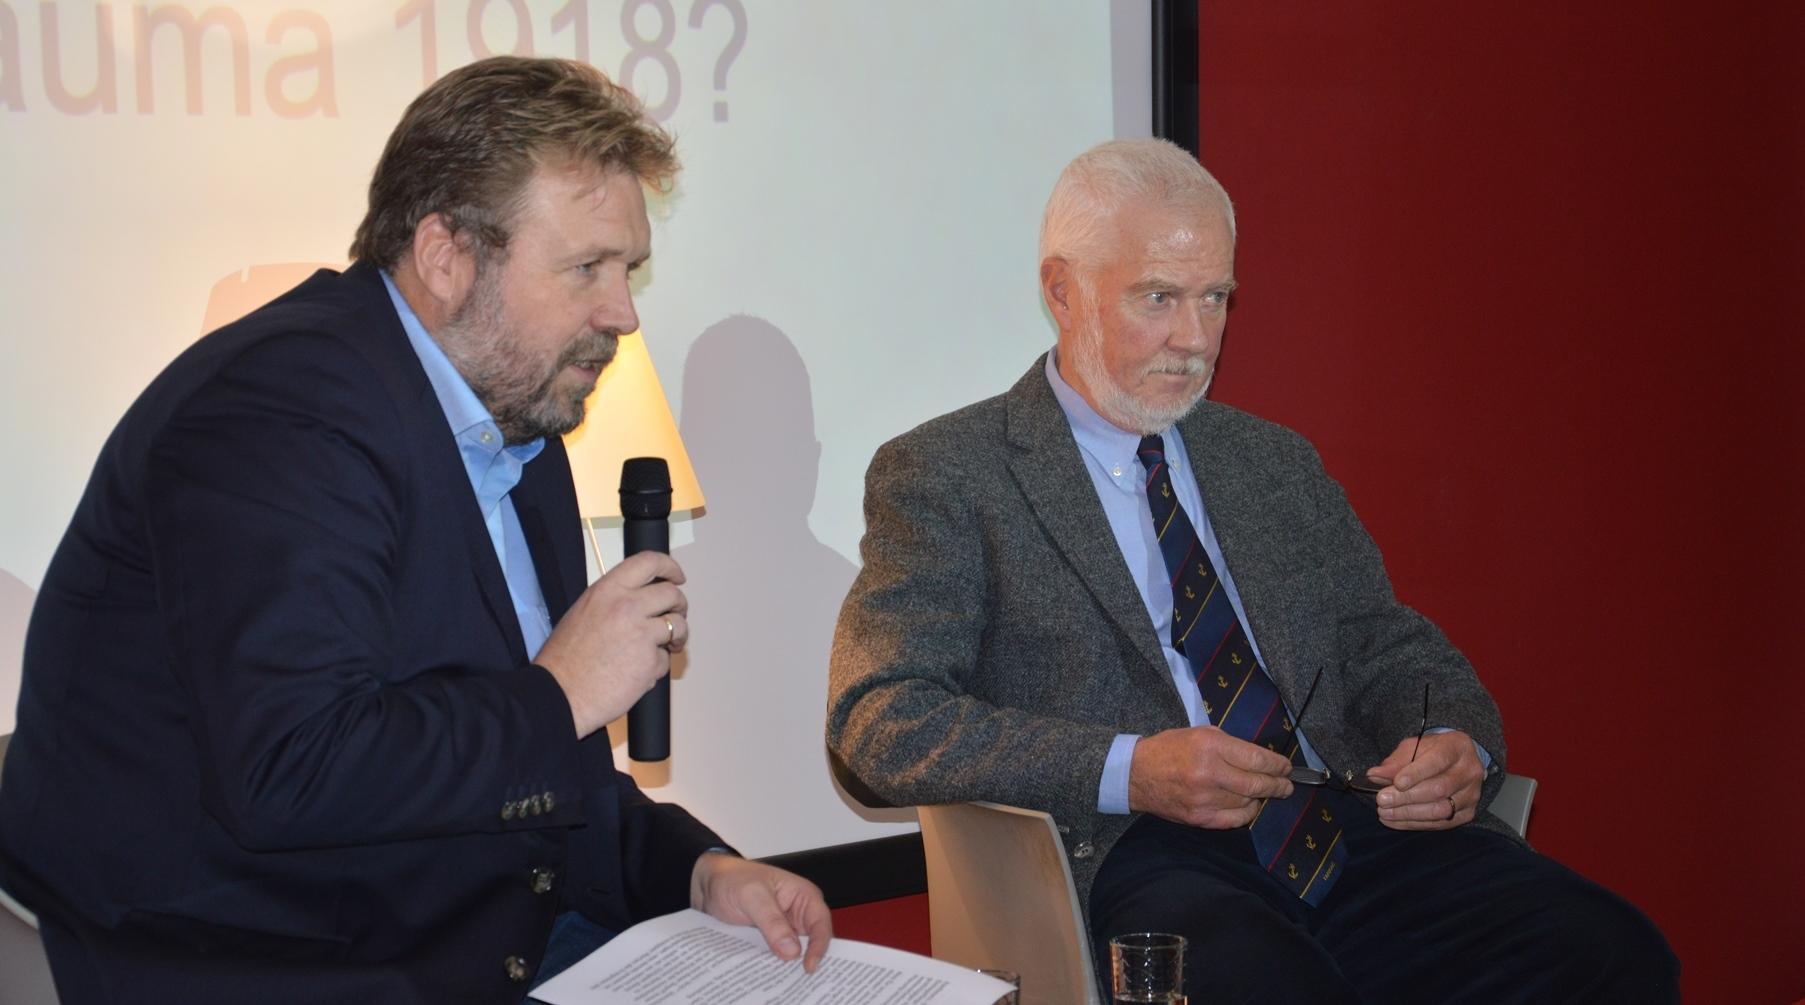 Stephan Huck (links) und Dieter Hartwig (rechts) im Gespräch (Foto: Deutsches Marinemuseum / Daniel Hirschmann)